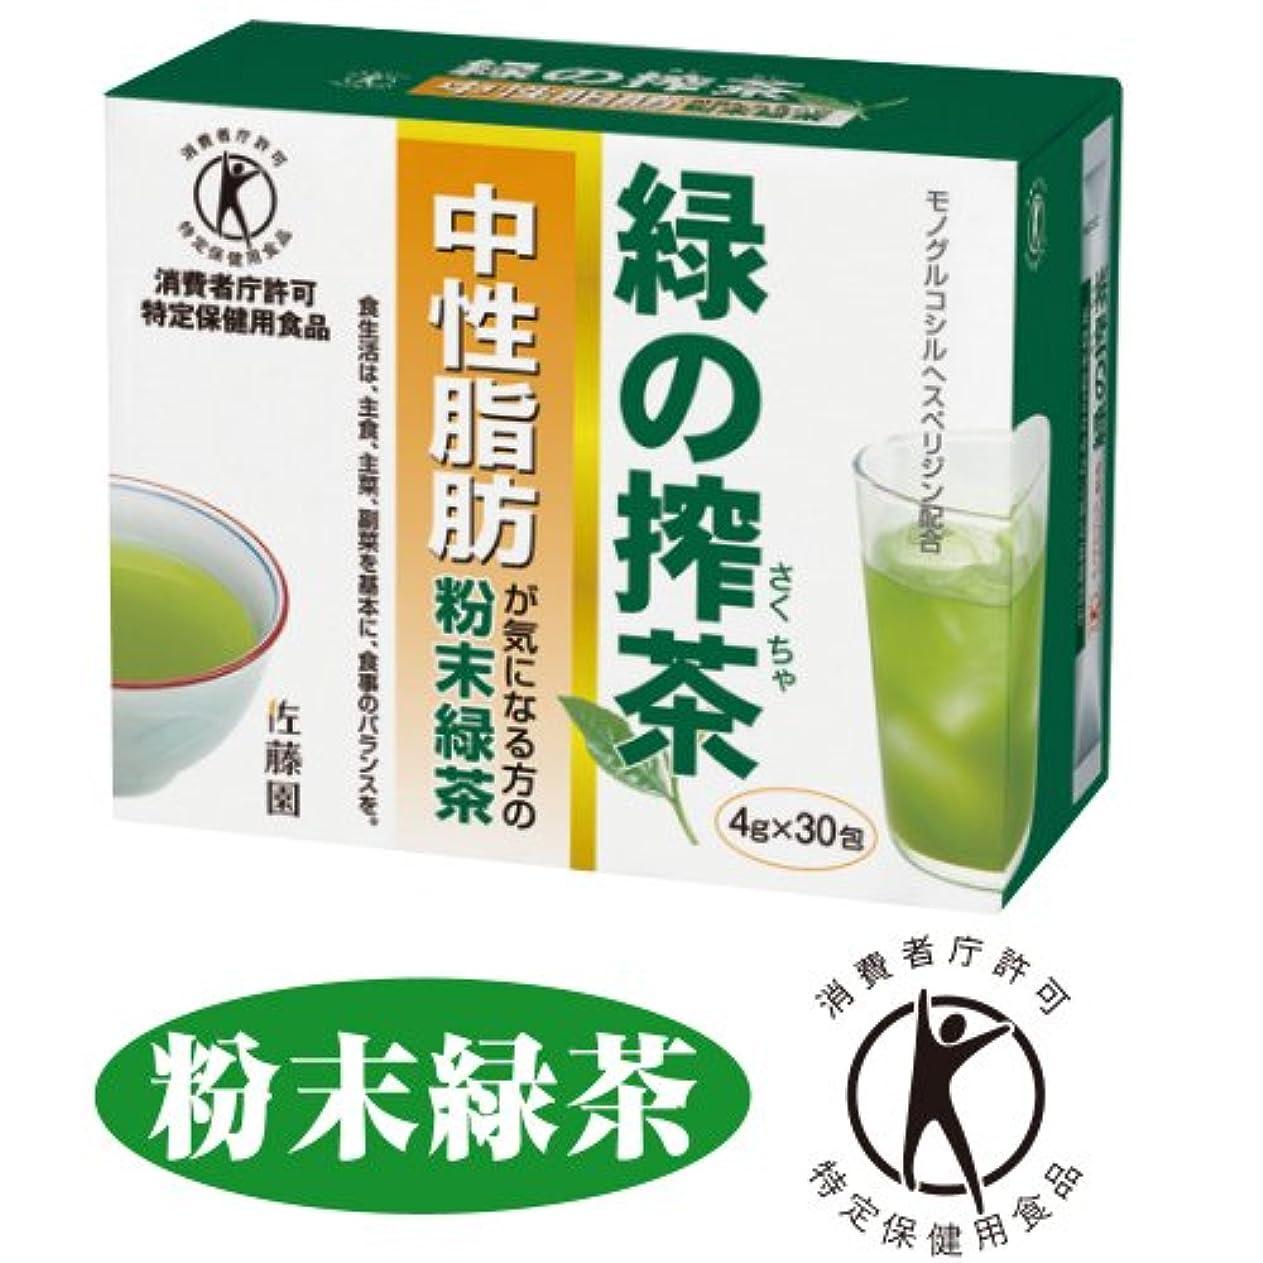 引き潮冷蔵する求人佐藤園のトクホのお茶 緑の搾茶(中性脂肪) 30包 [特定保健用食品]